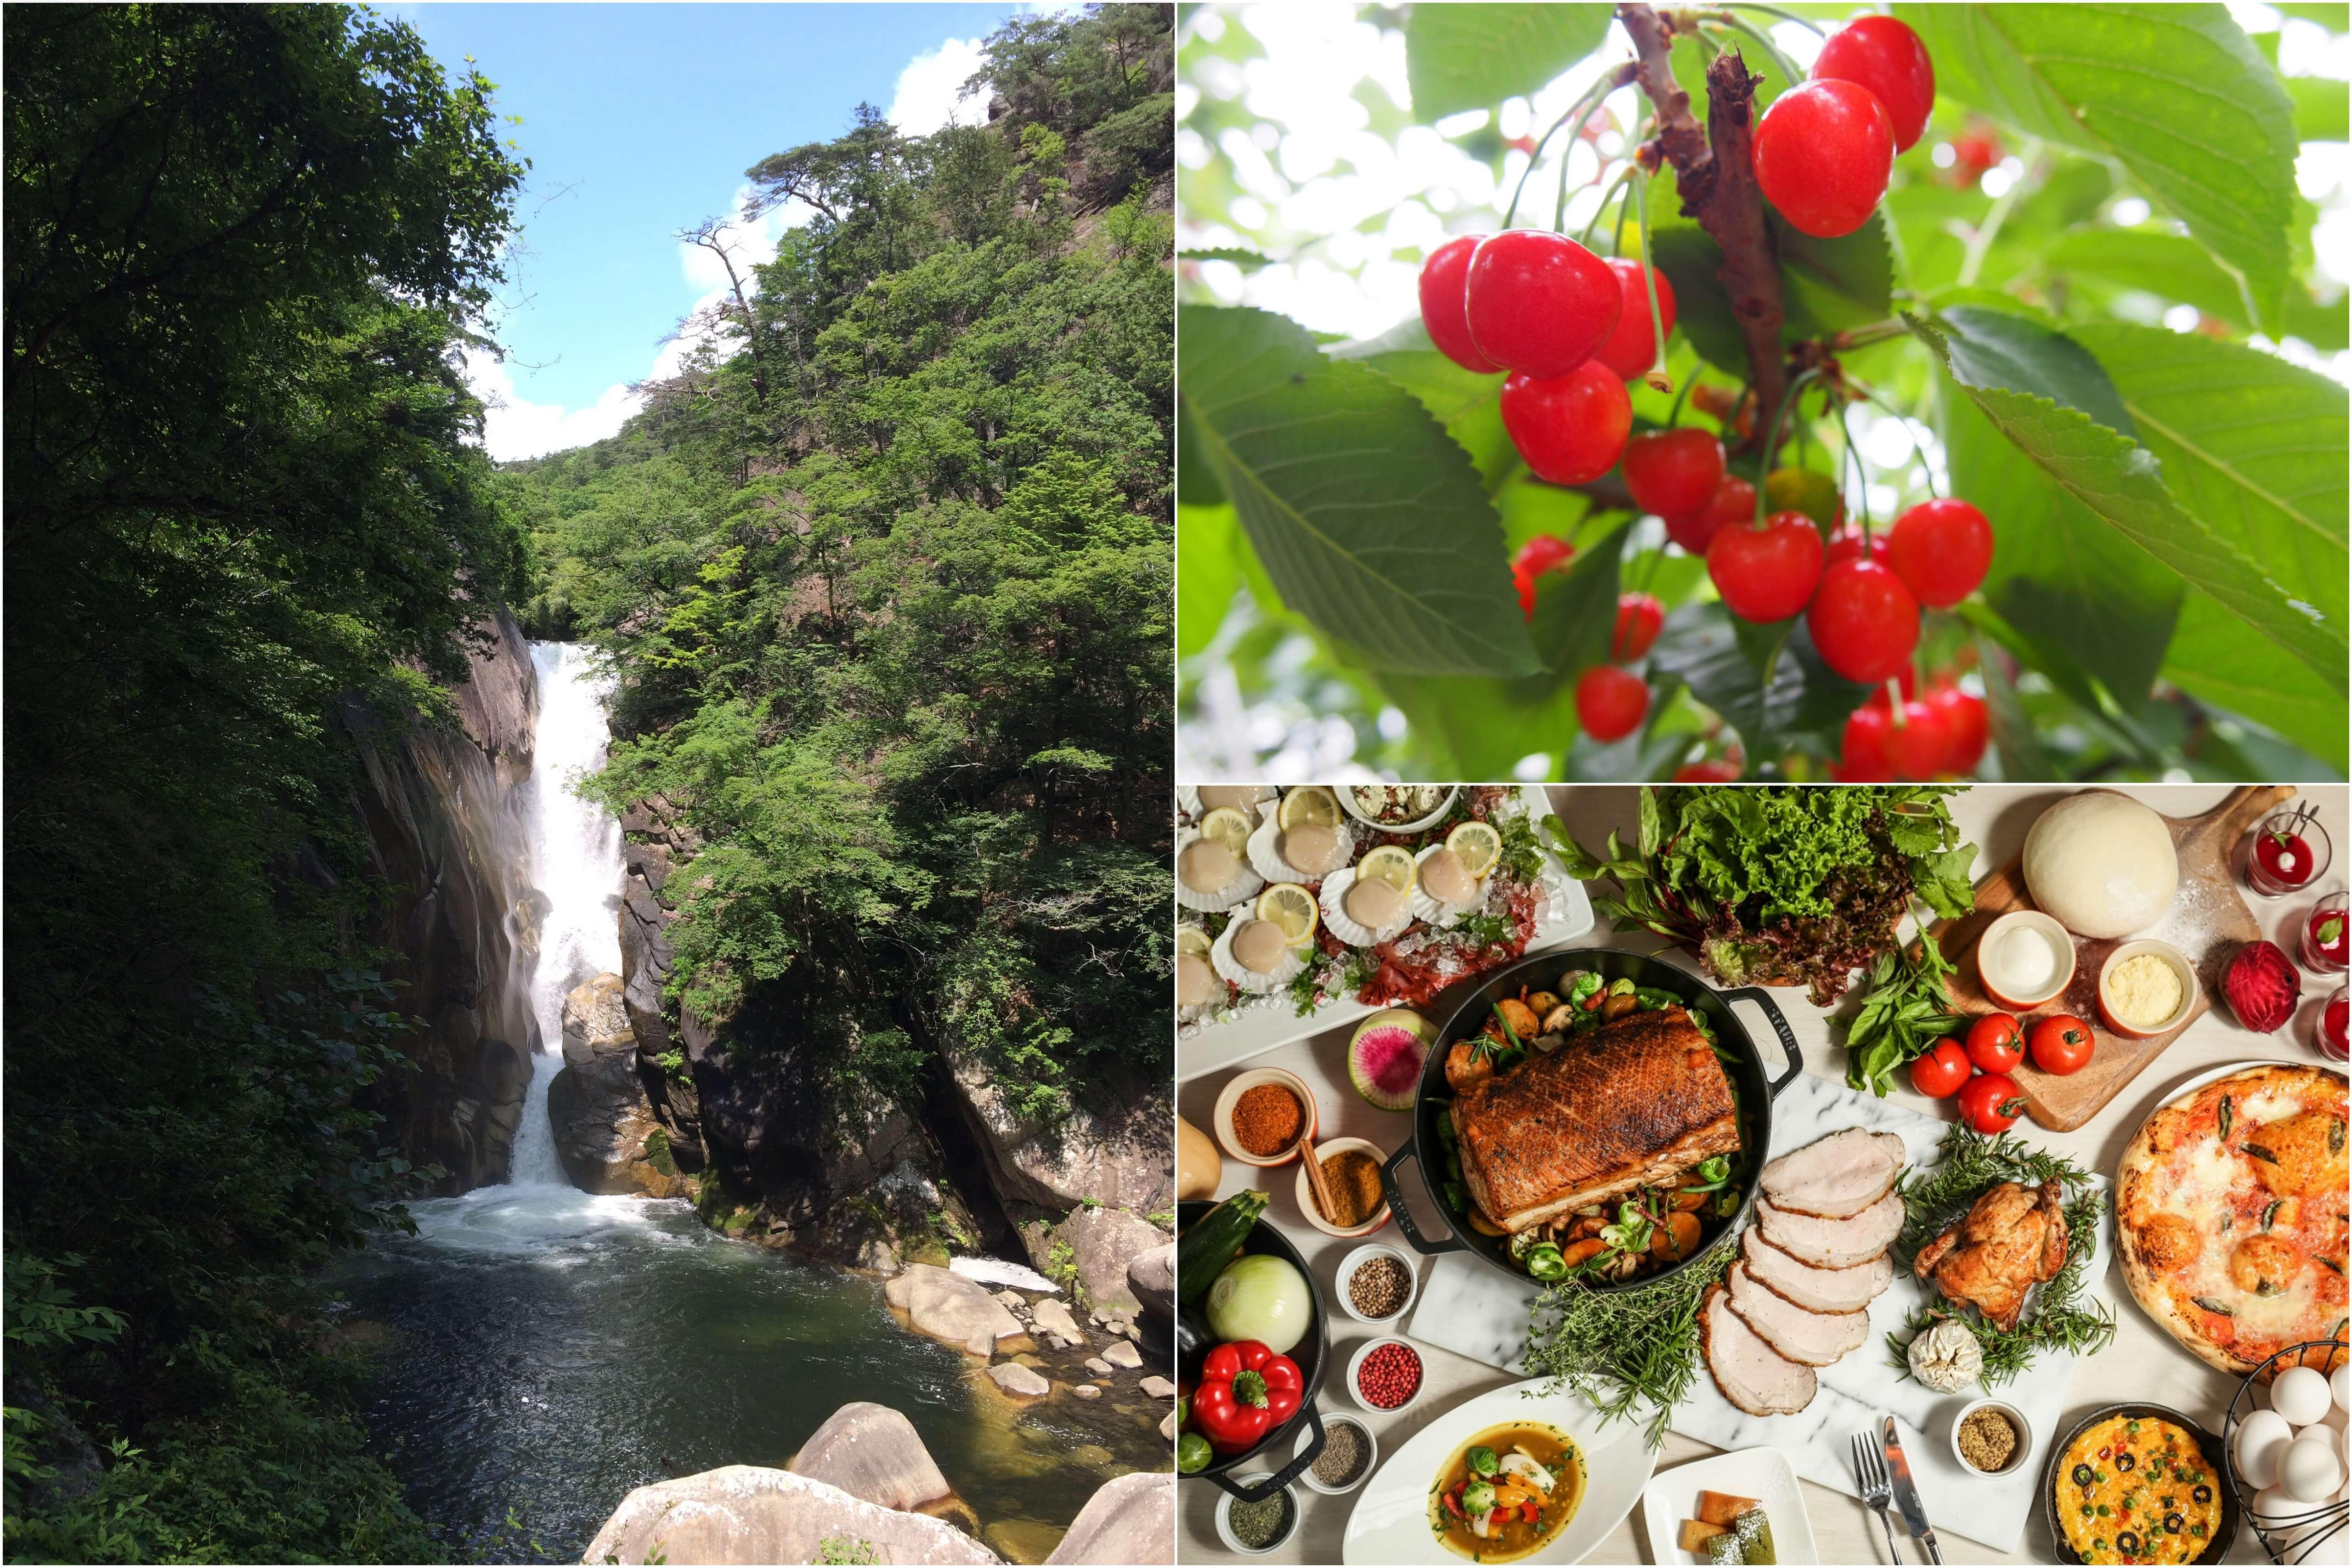 初夏を味わう♪ 旬のさくらんぼ狩り食べ放題と新緑の『昇仙峡』散策&<初登場>フレンチレストランでランチビュッフェ♪